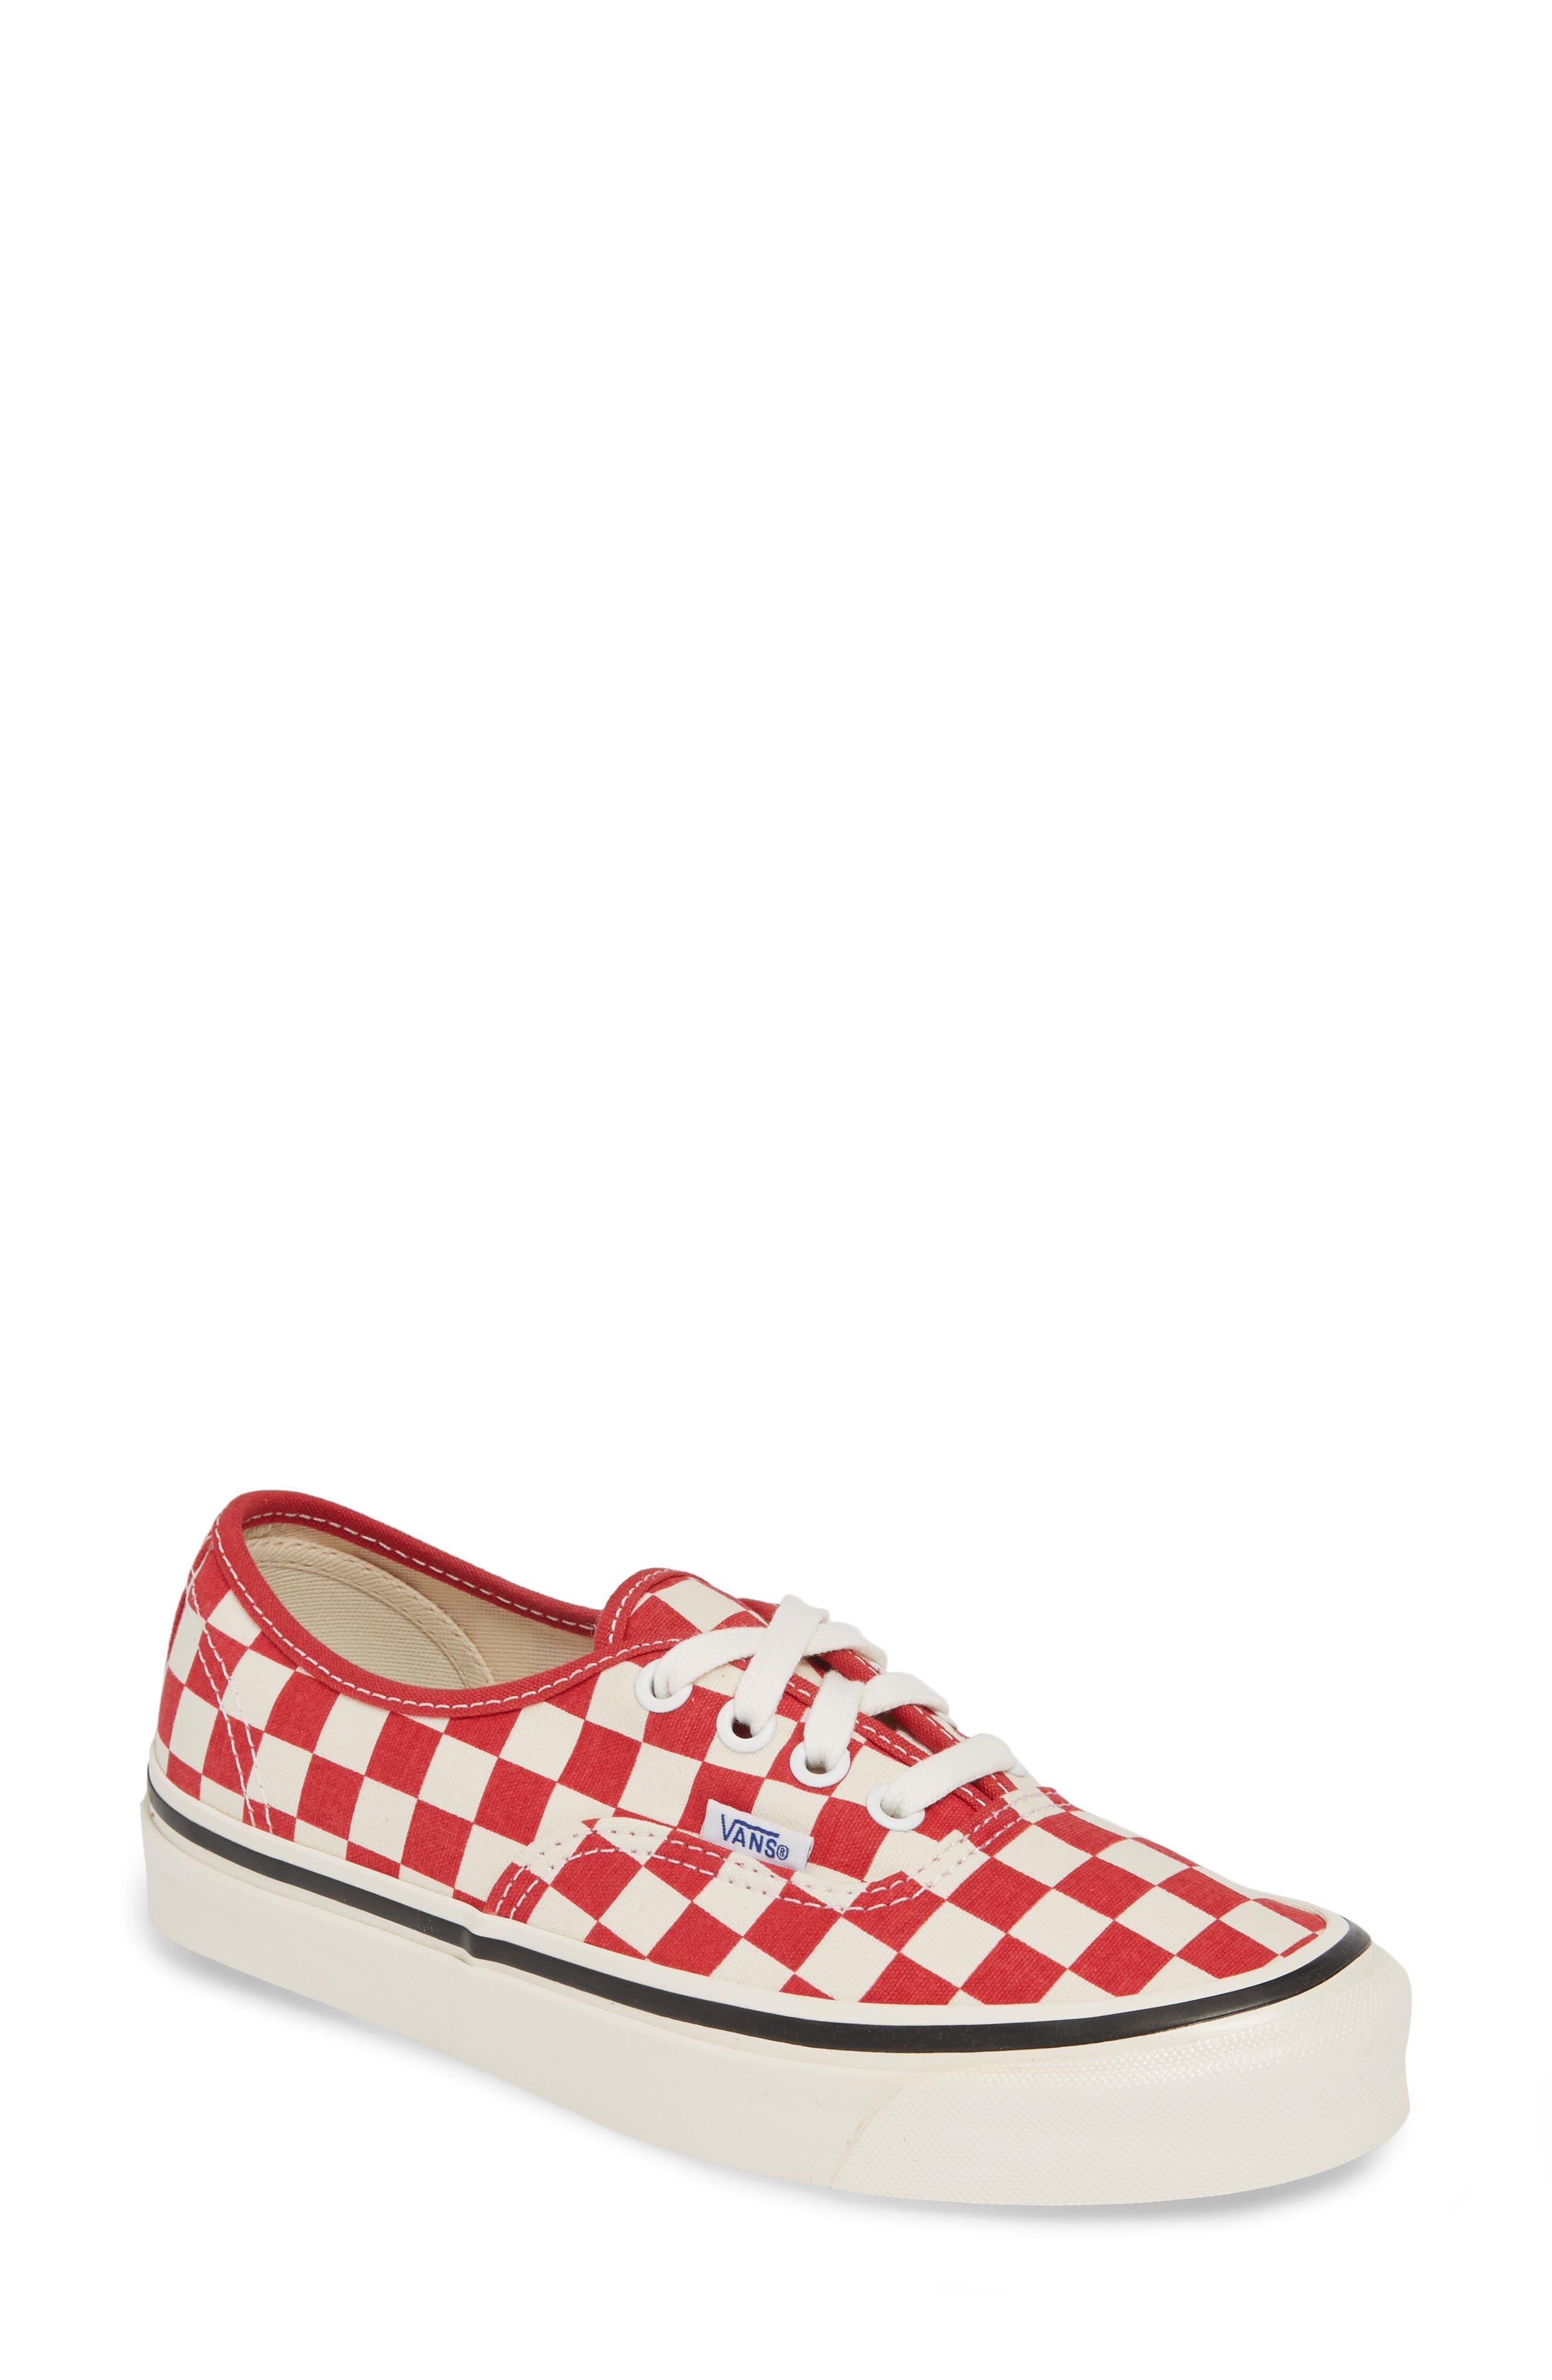 51e3657c03ce70 Vans Authentic Shoes